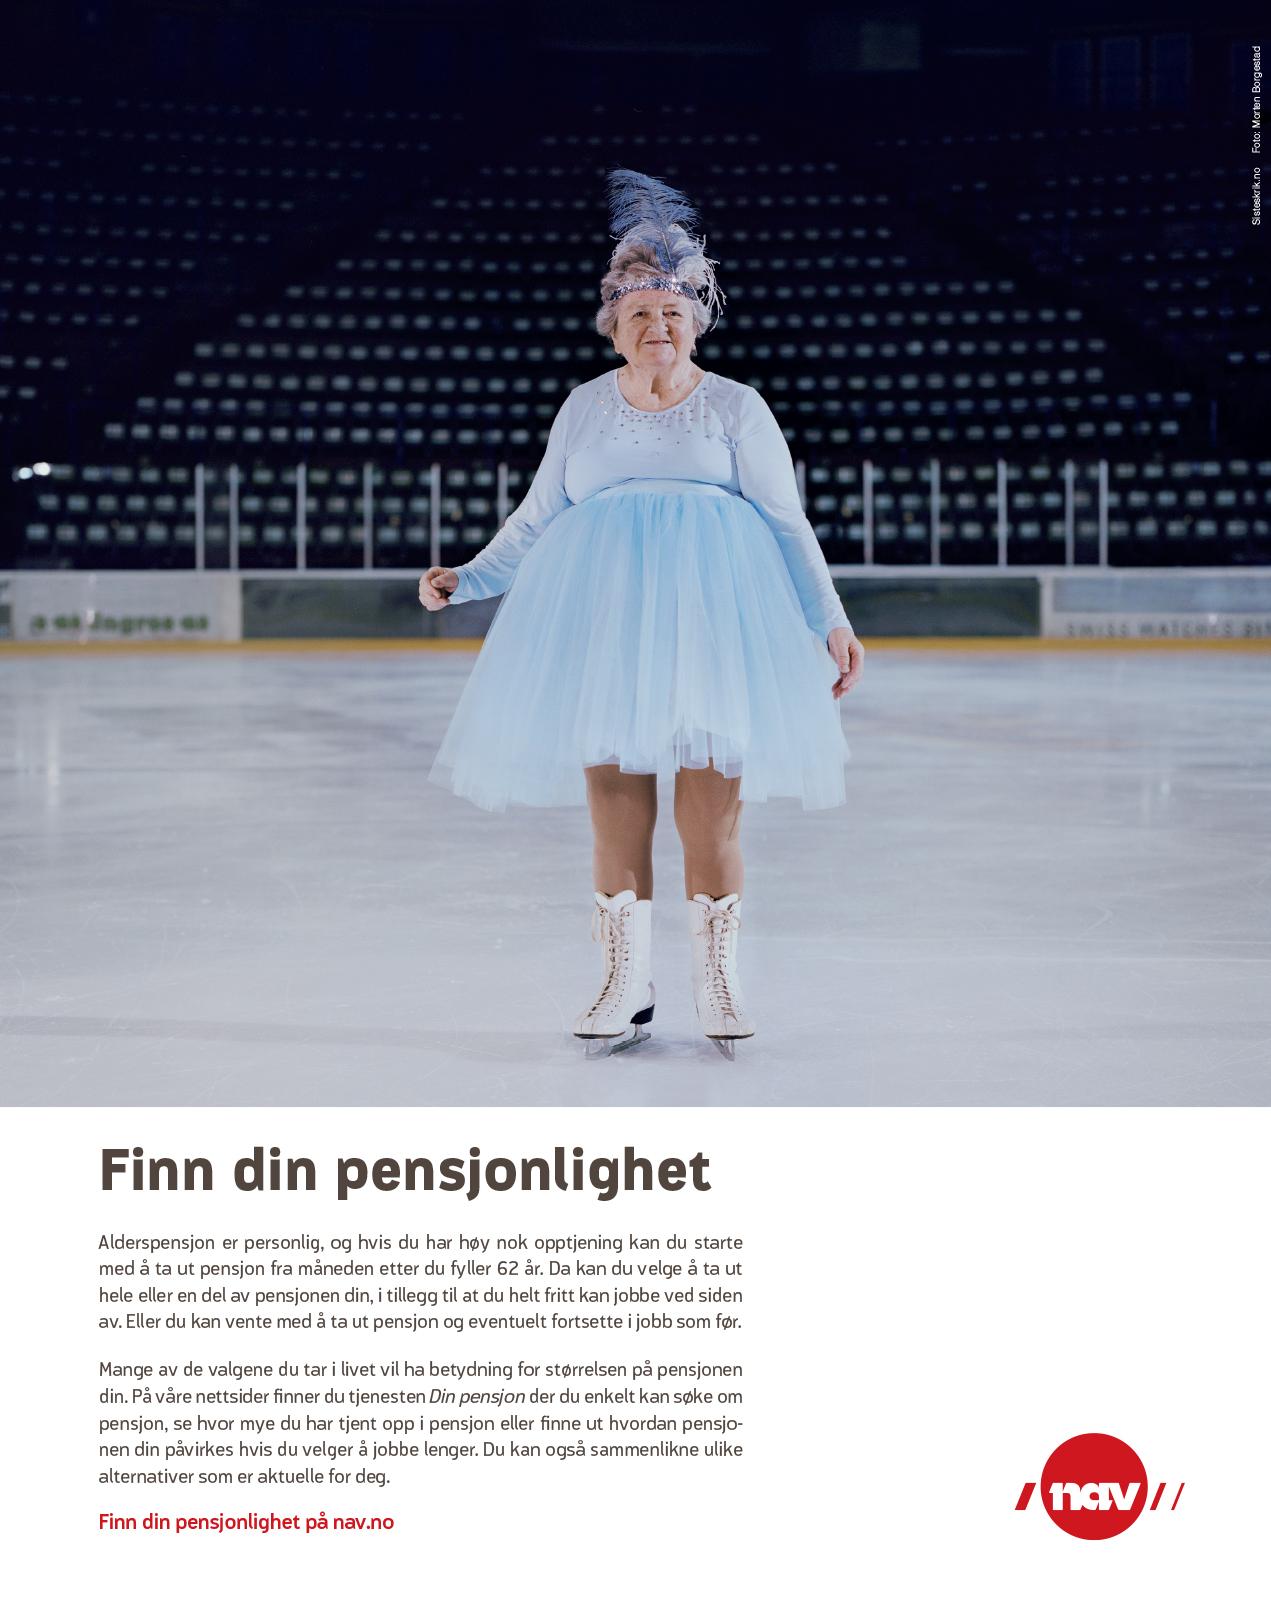 NAV-annonse med gammel dame som isdanser. Budskap: Finn din pensjonlighet